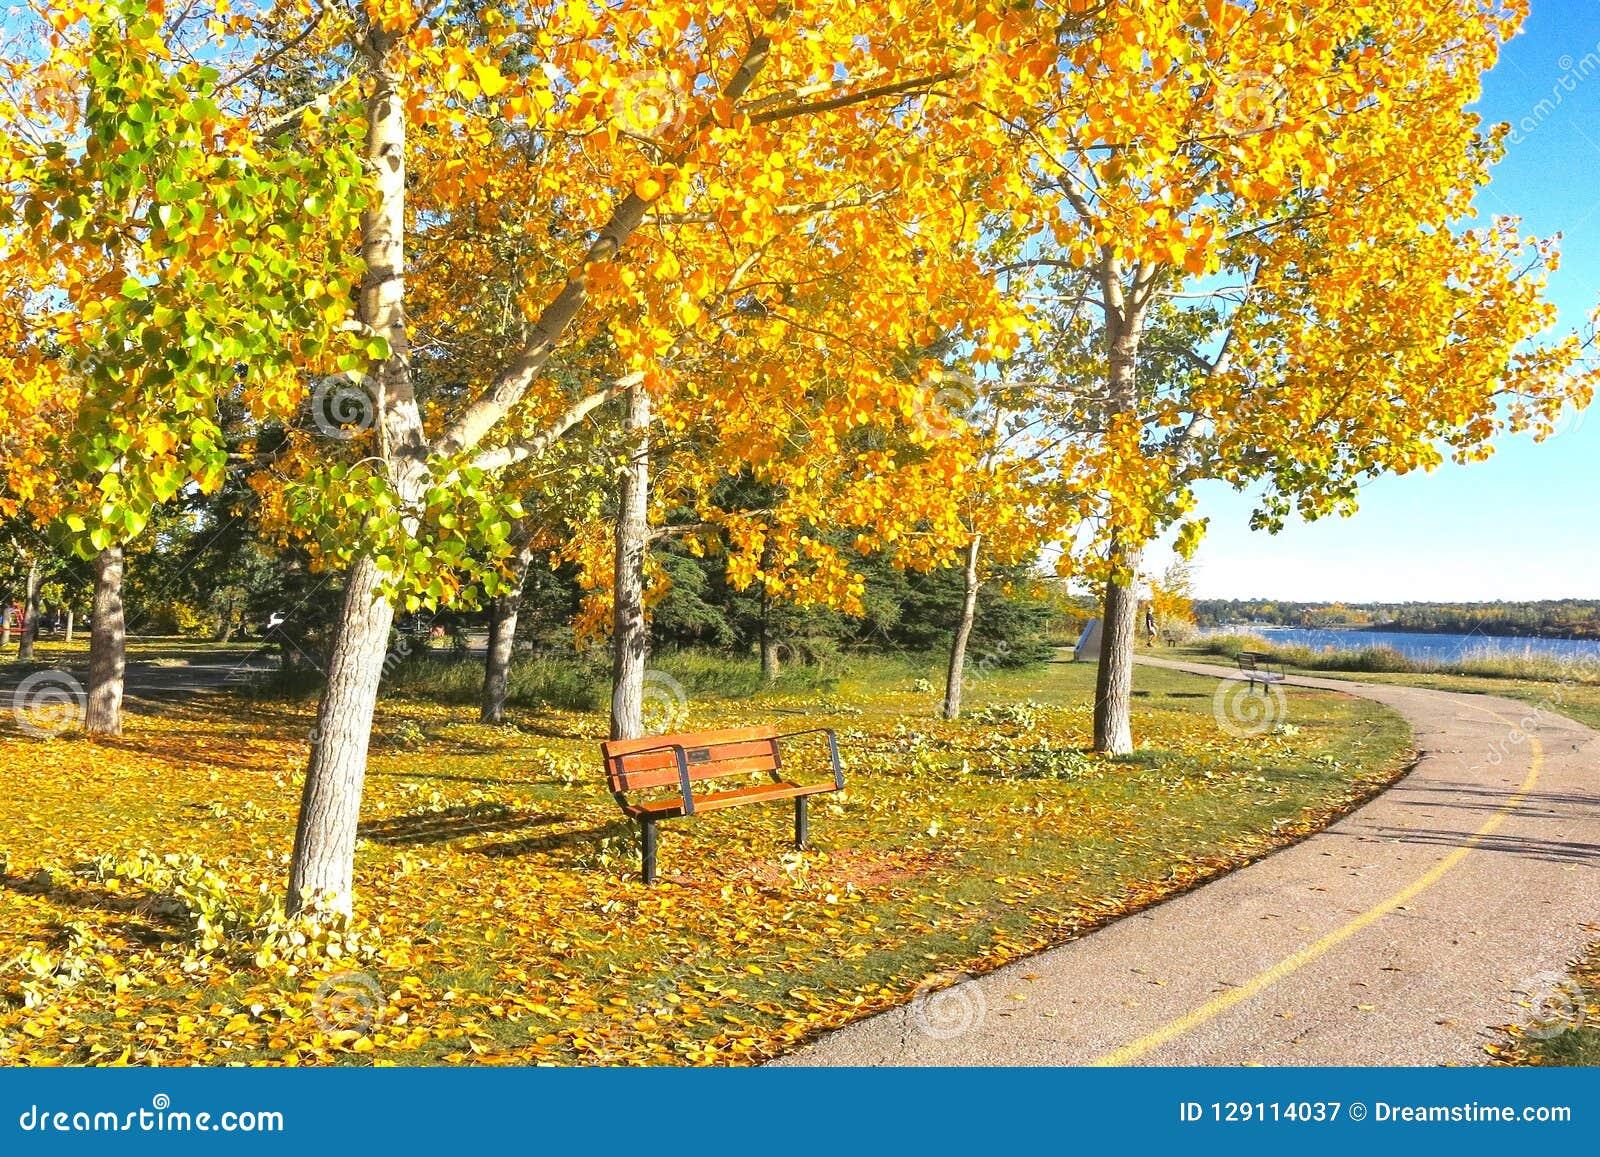 En sceniska Autumn Pathway med ljus guling och bladguld